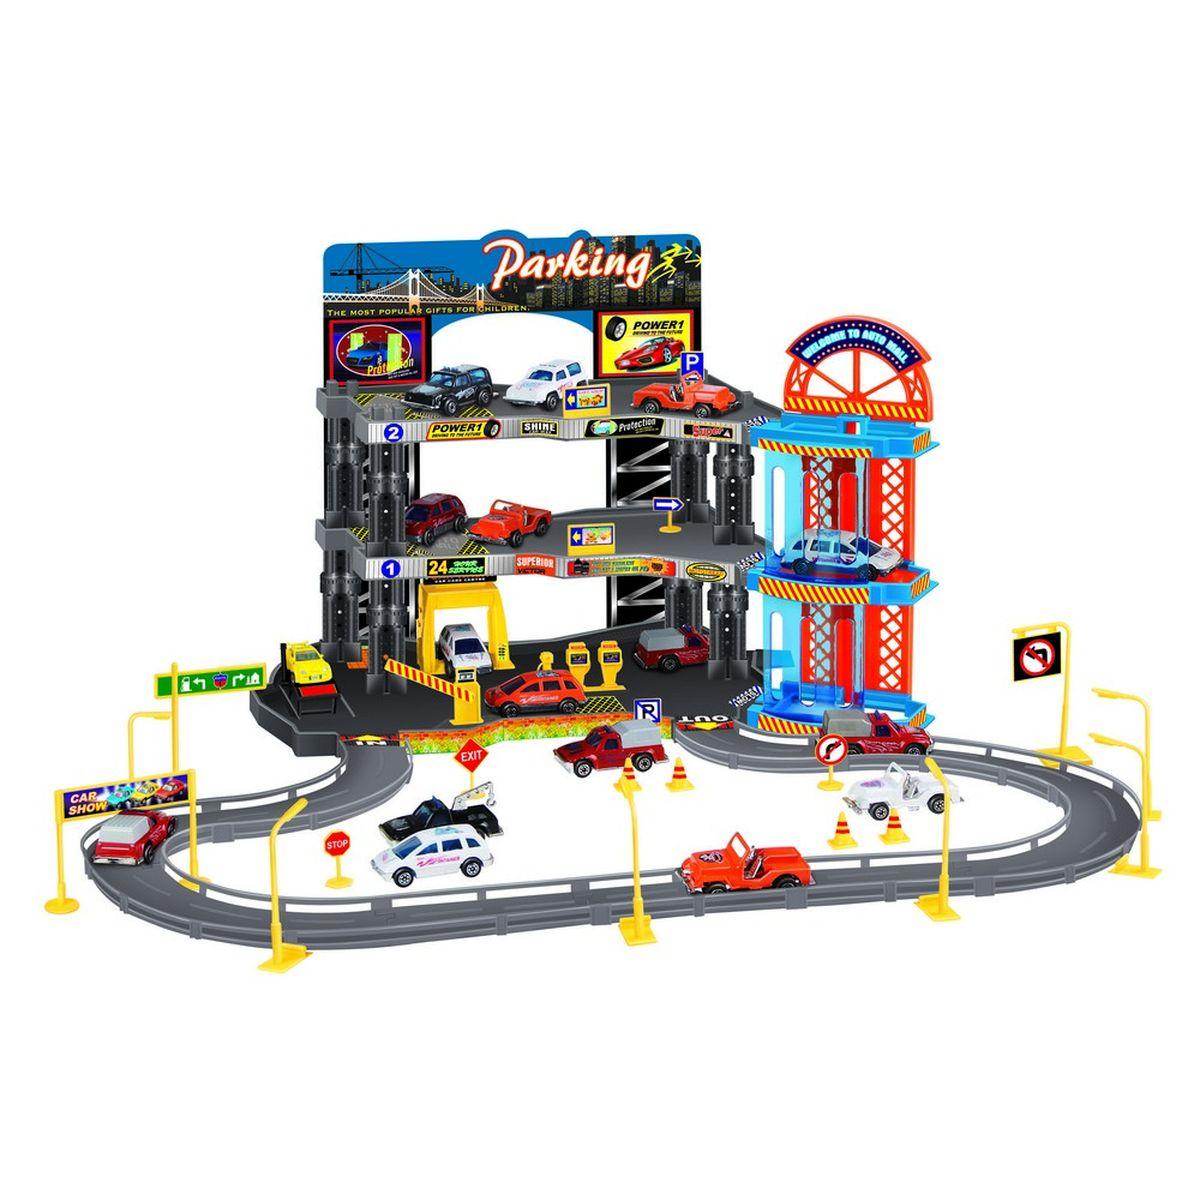 Dave Toy Игровой набор Парковочная станция игровой набор dave toy аэропорт с 1 машинкой